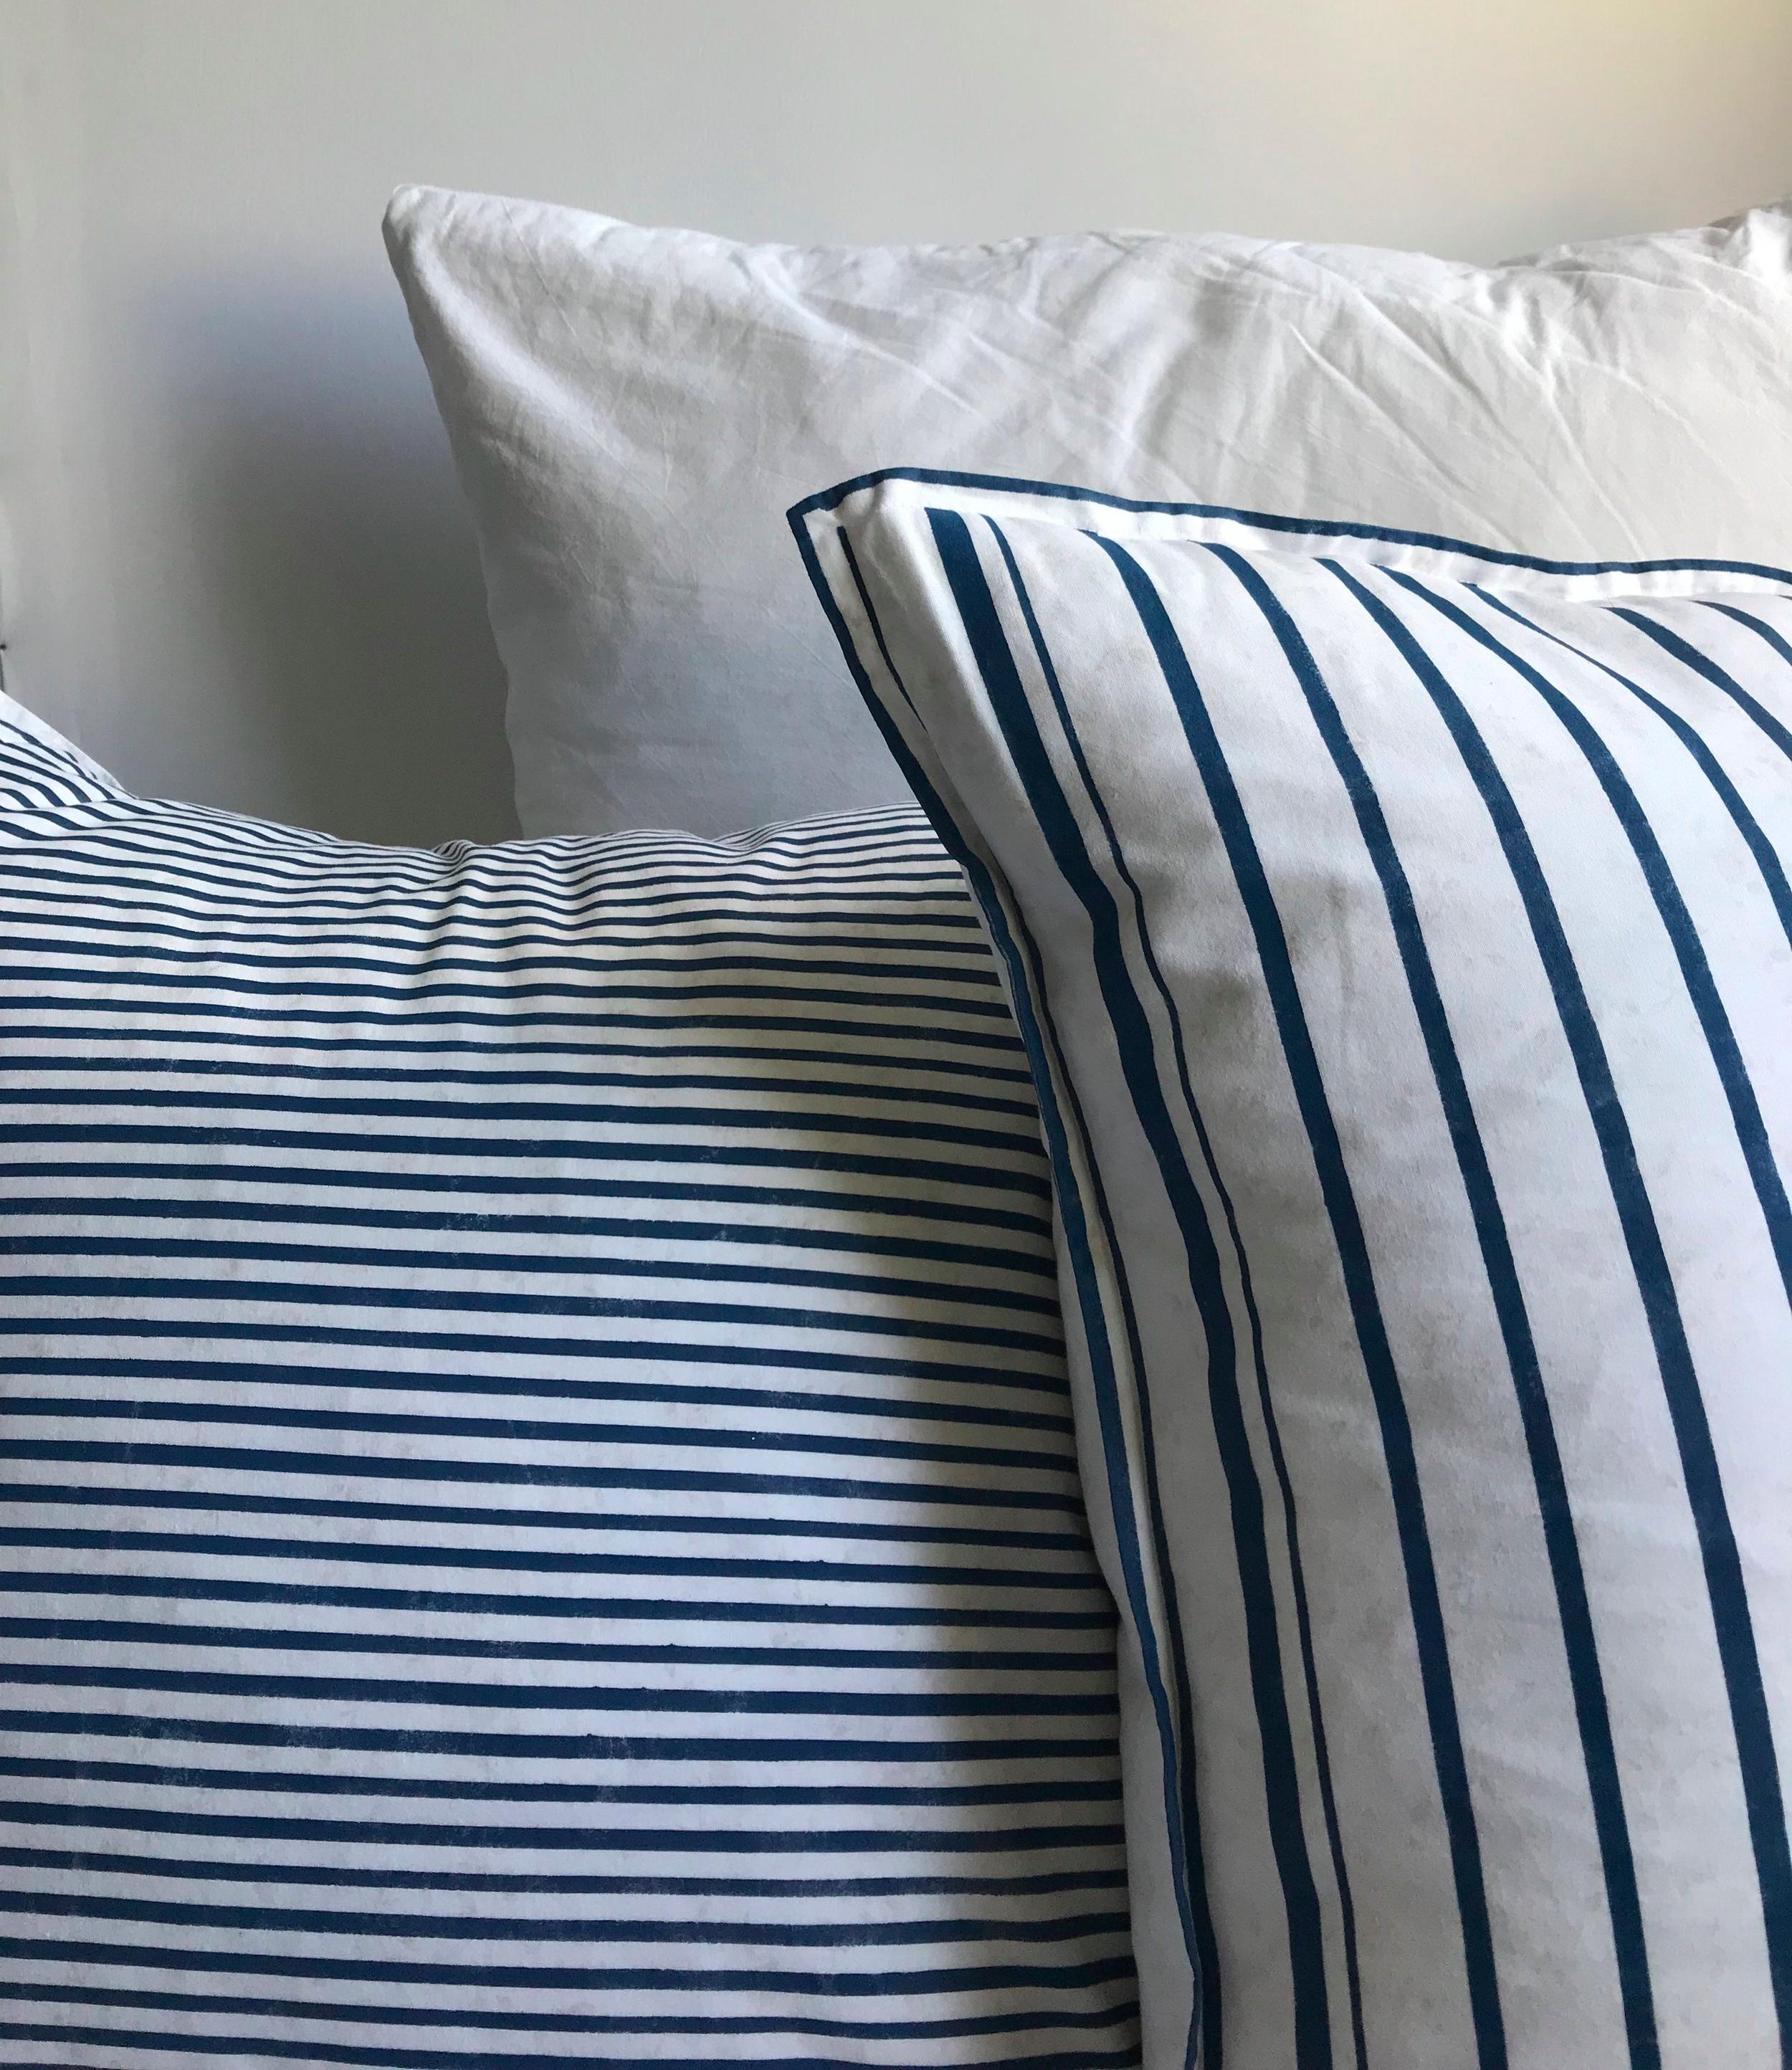 ailise+custom+pillow+set+by+csevenm.jpg